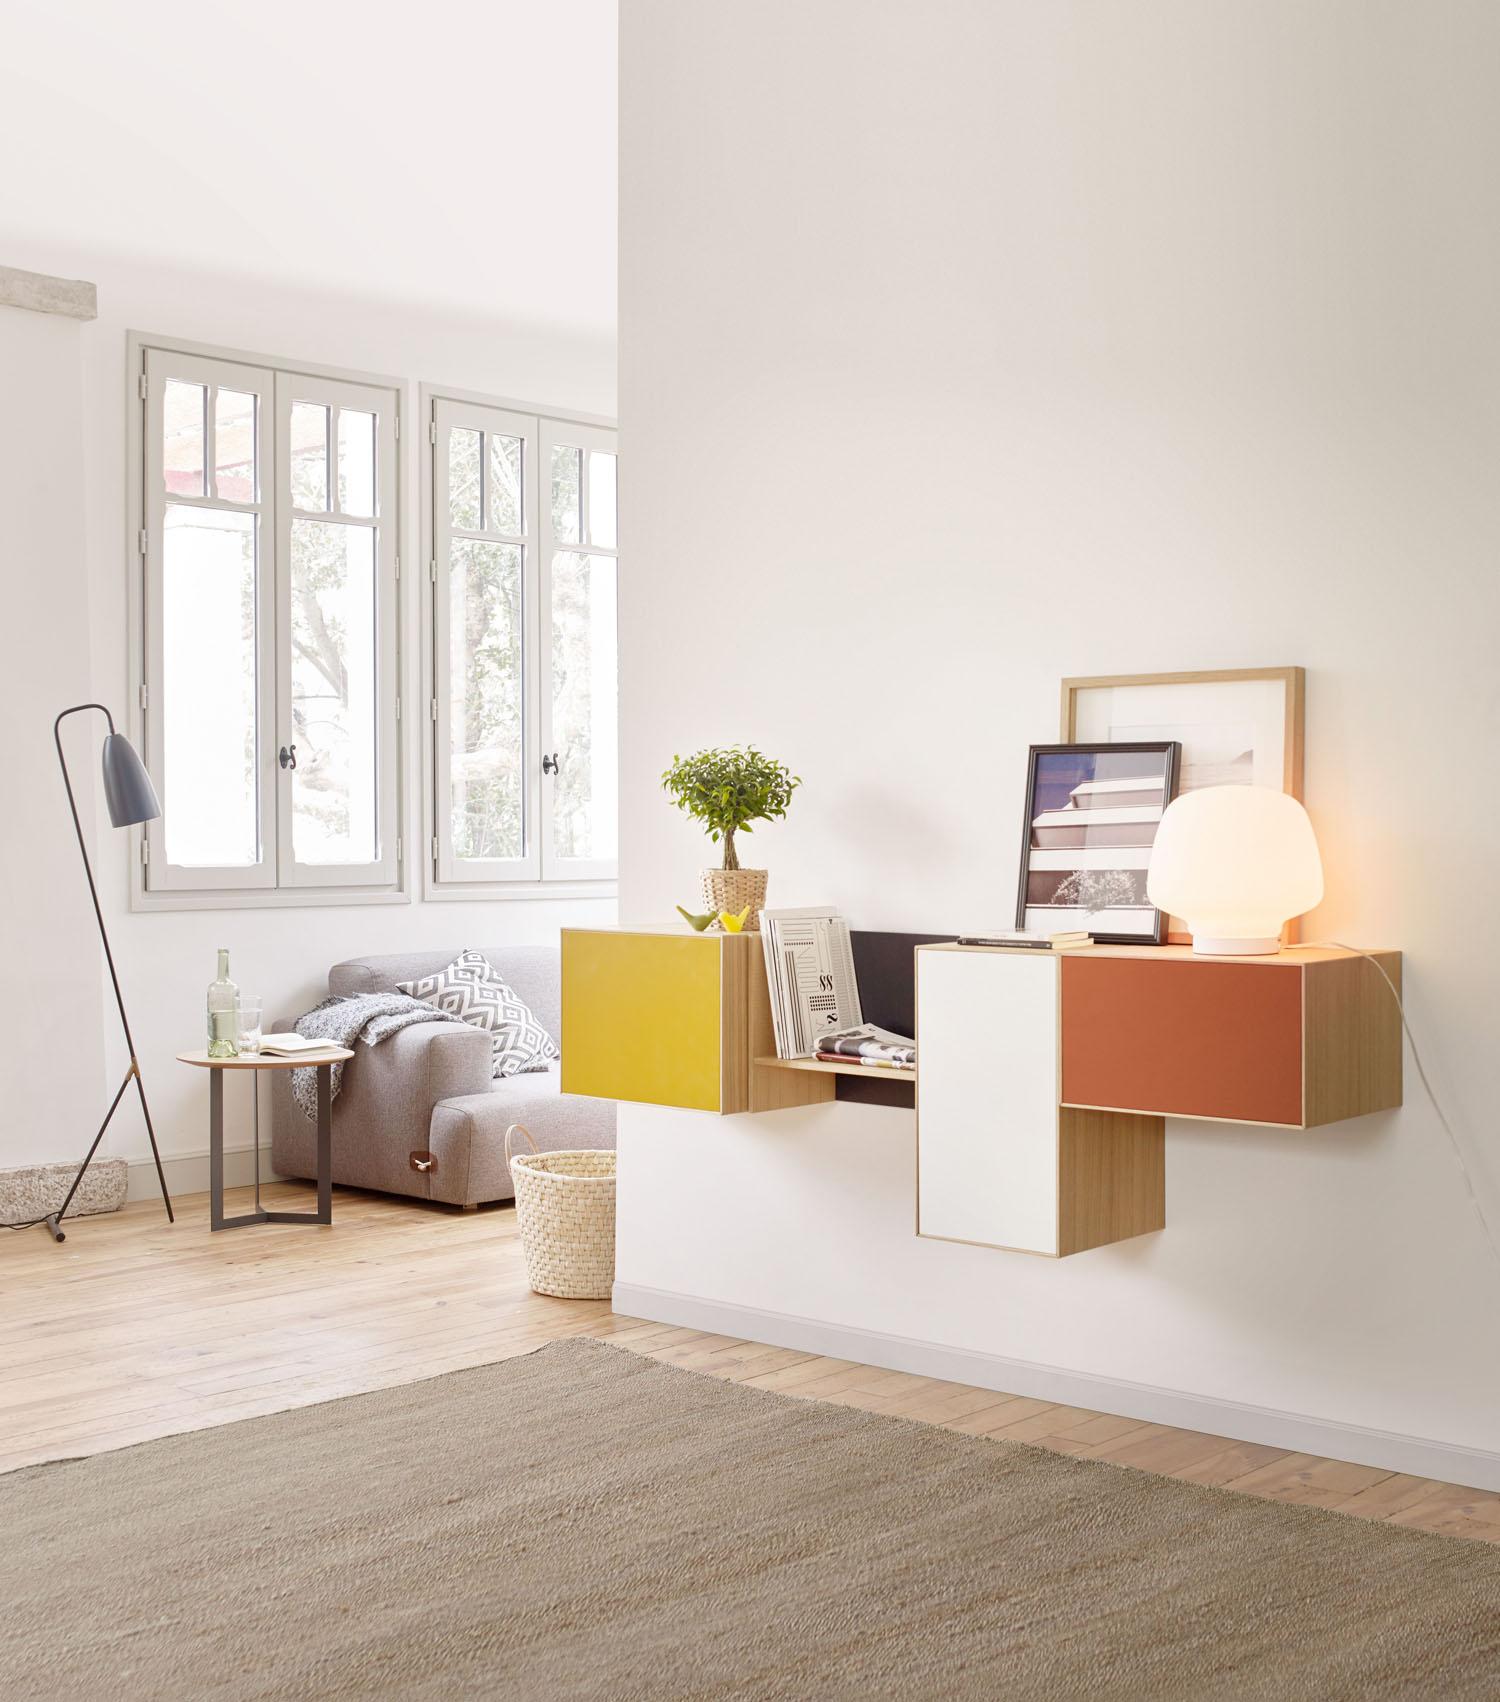 Treku mobiliario contempor neo con firma vasca el for Mobiliario contemporaneo